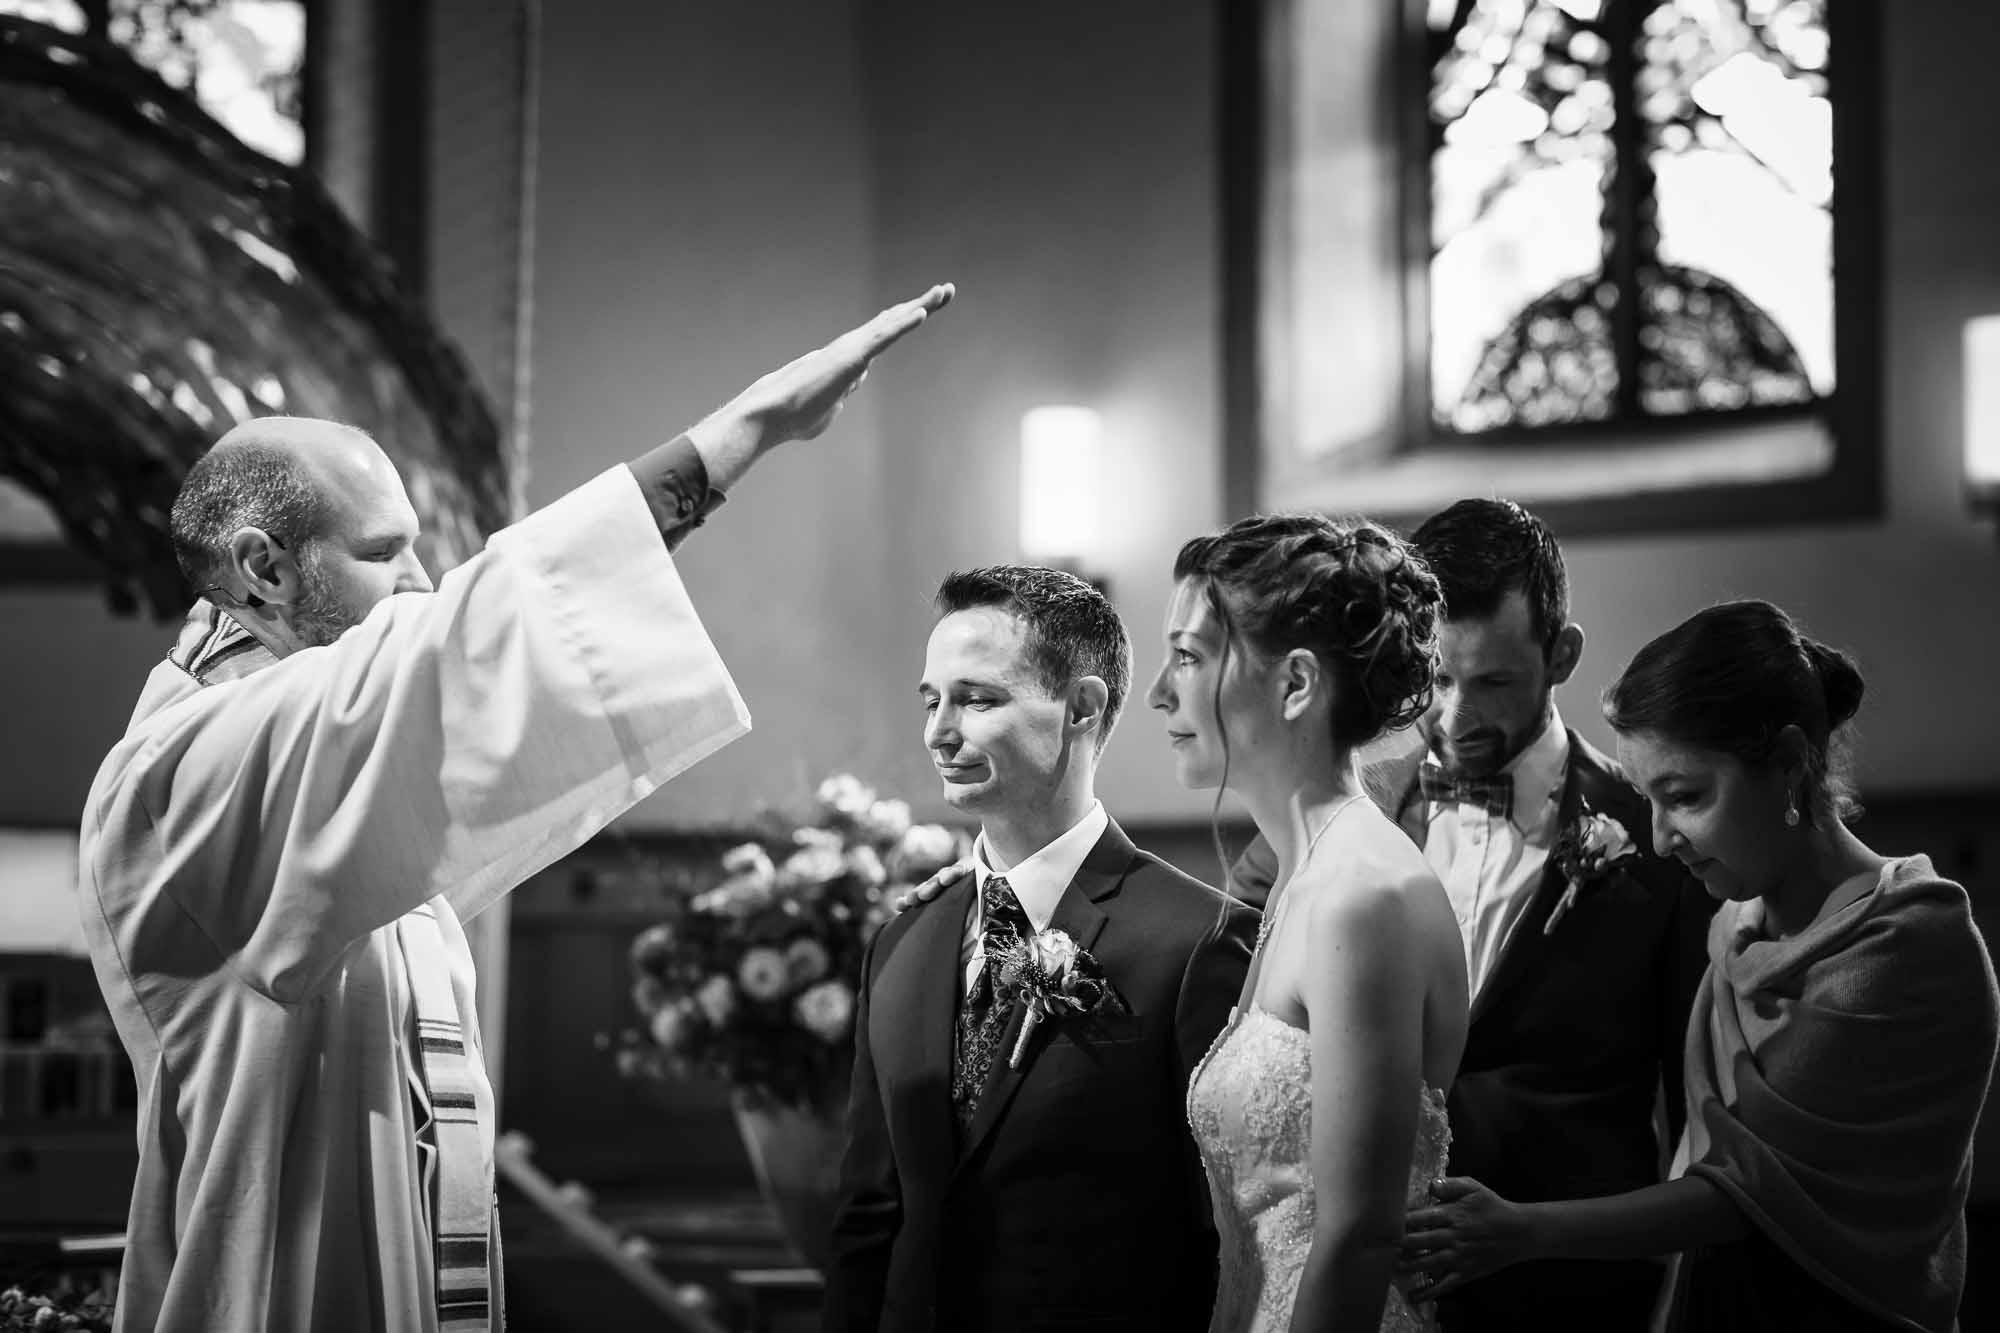 Brautpaar wird gesegnet und Trauzeugen beten mit